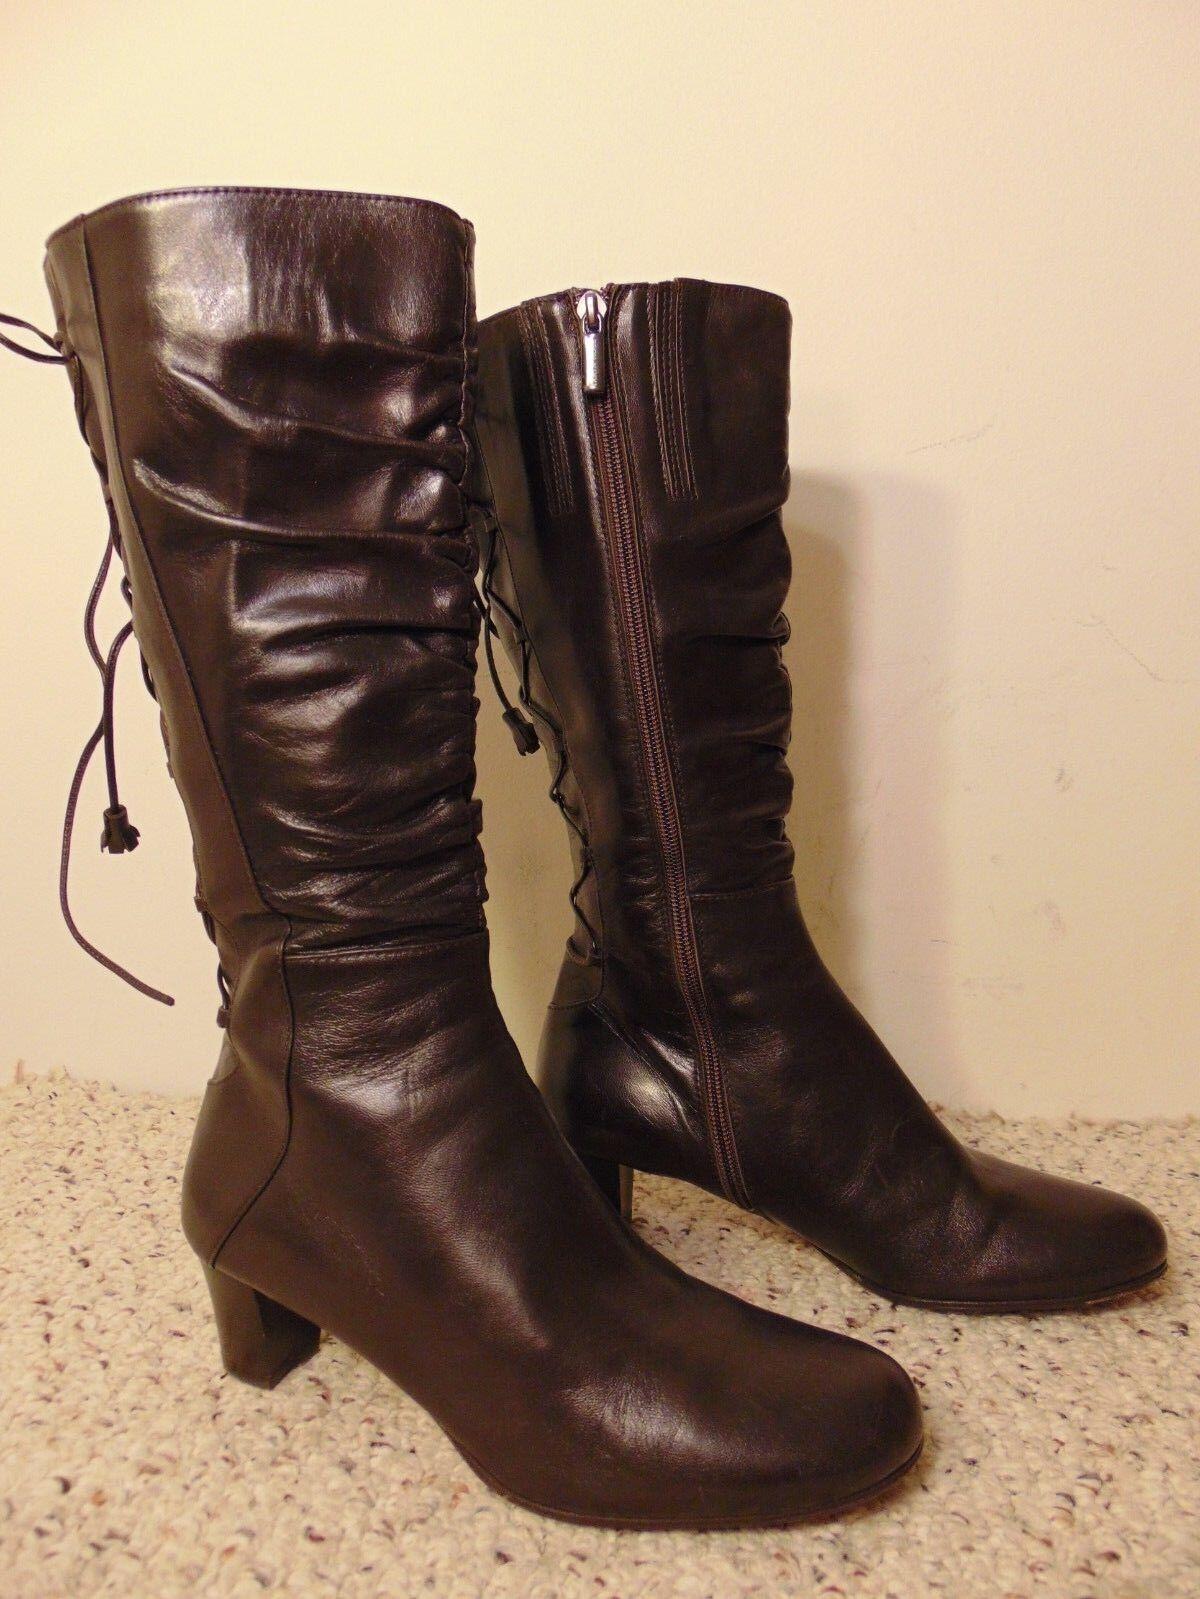 Taryn pink Regina Dark Brown Leather Knee High Boots size 37.5